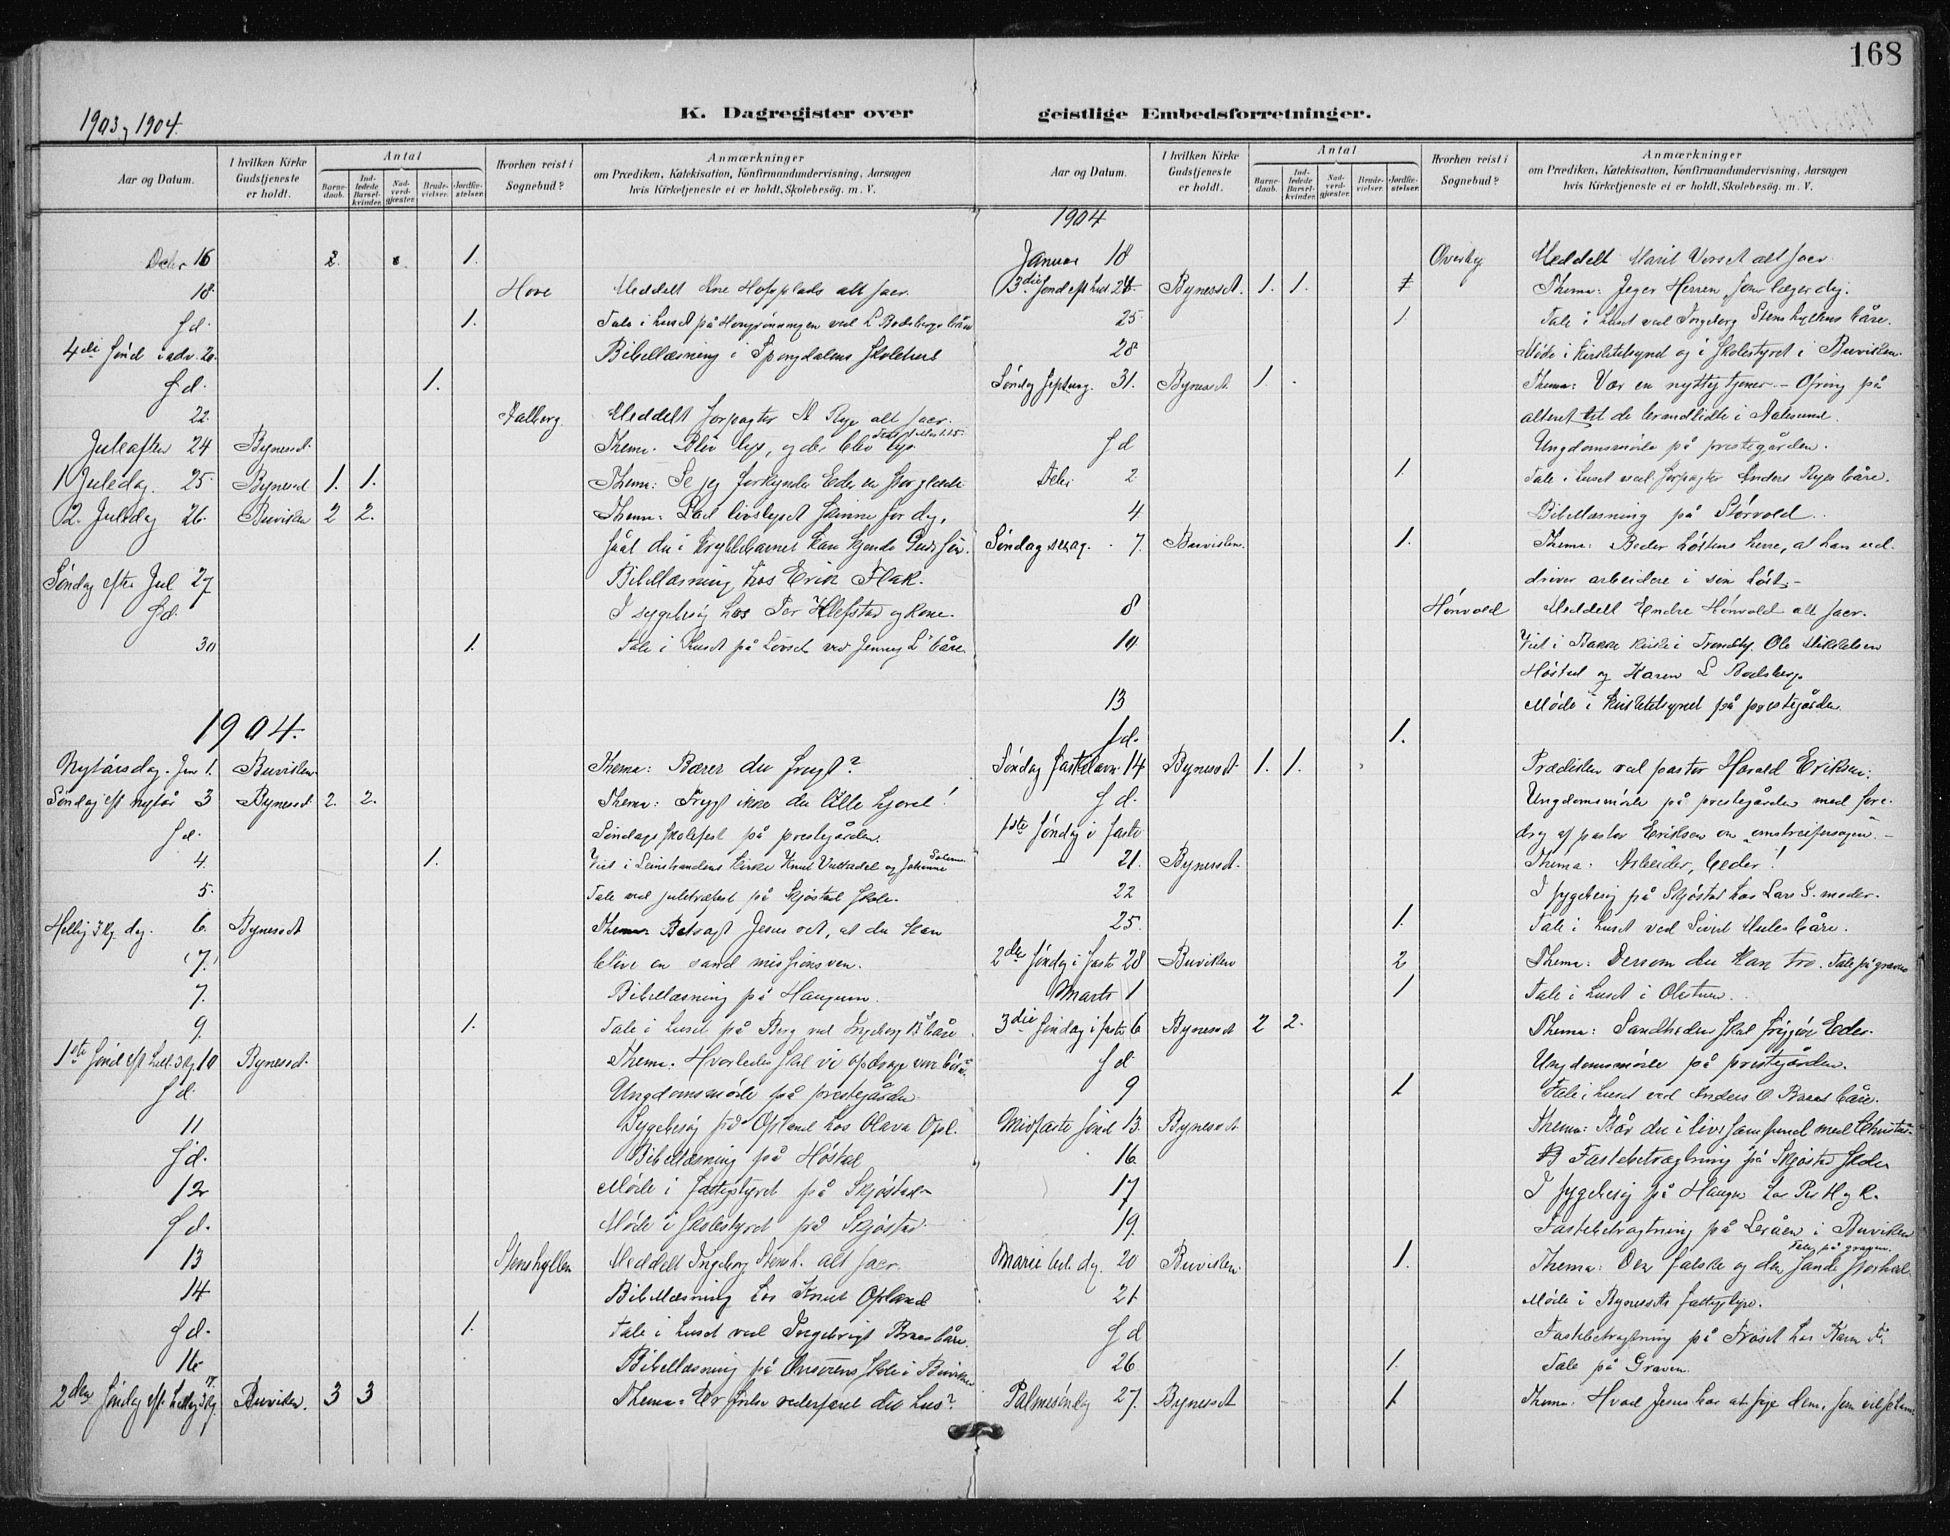 SAT, Ministerialprotokoller, klokkerbøker og fødselsregistre - Sør-Trøndelag, 612/L0380: Ministerialbok nr. 612A12, 1898-1907, s. 168